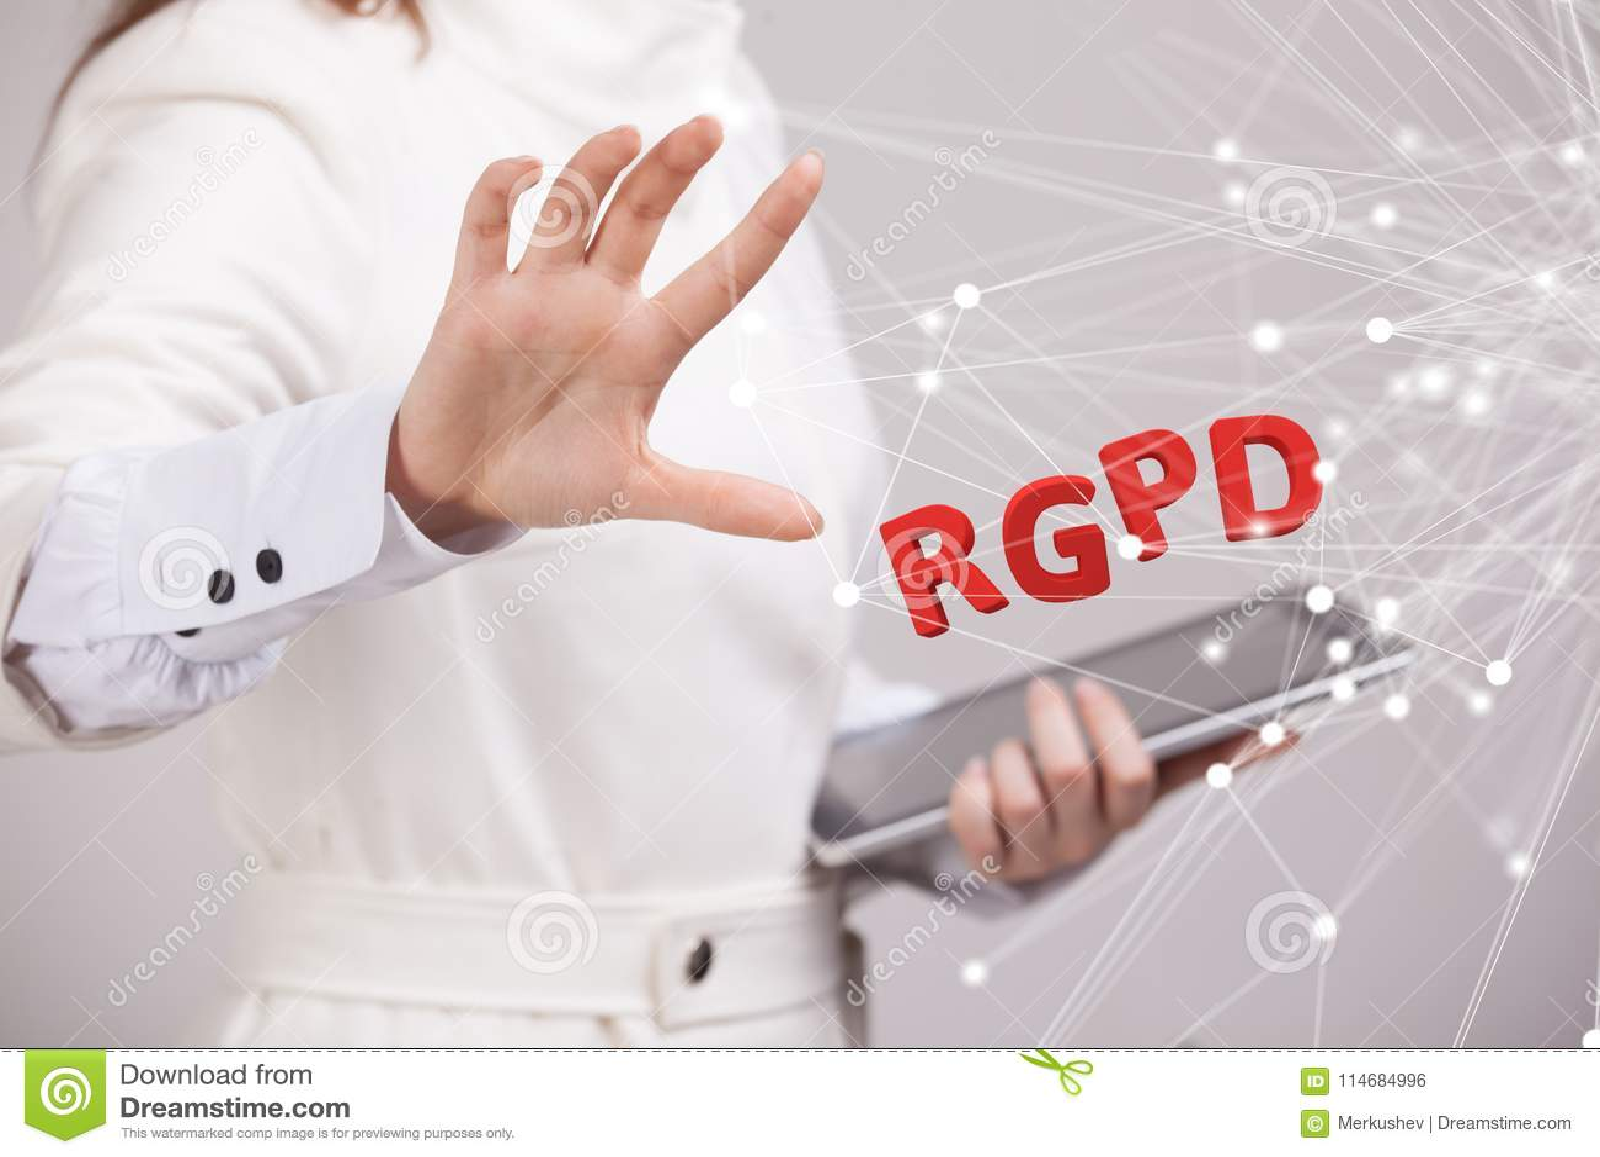 Versão de RGPD, de espanhol, francesa e italiana da versão de GDPR: Datos de Reglamento Geral de Proteccion de Dados gerais